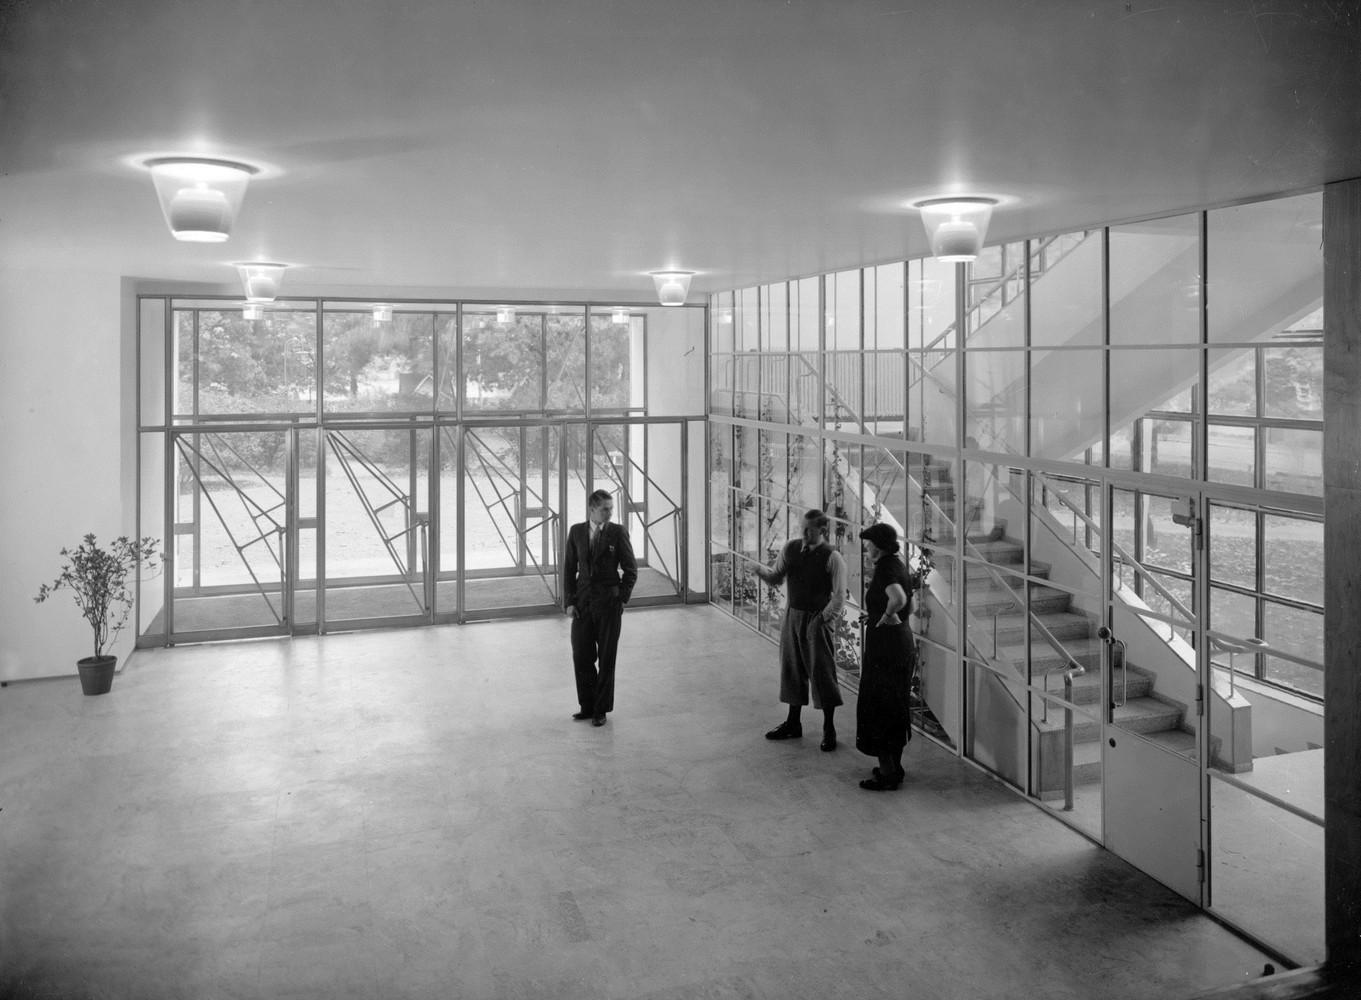 Alvar_and_Aino_Aalto_with_Aarne_Erve__1935.jpg